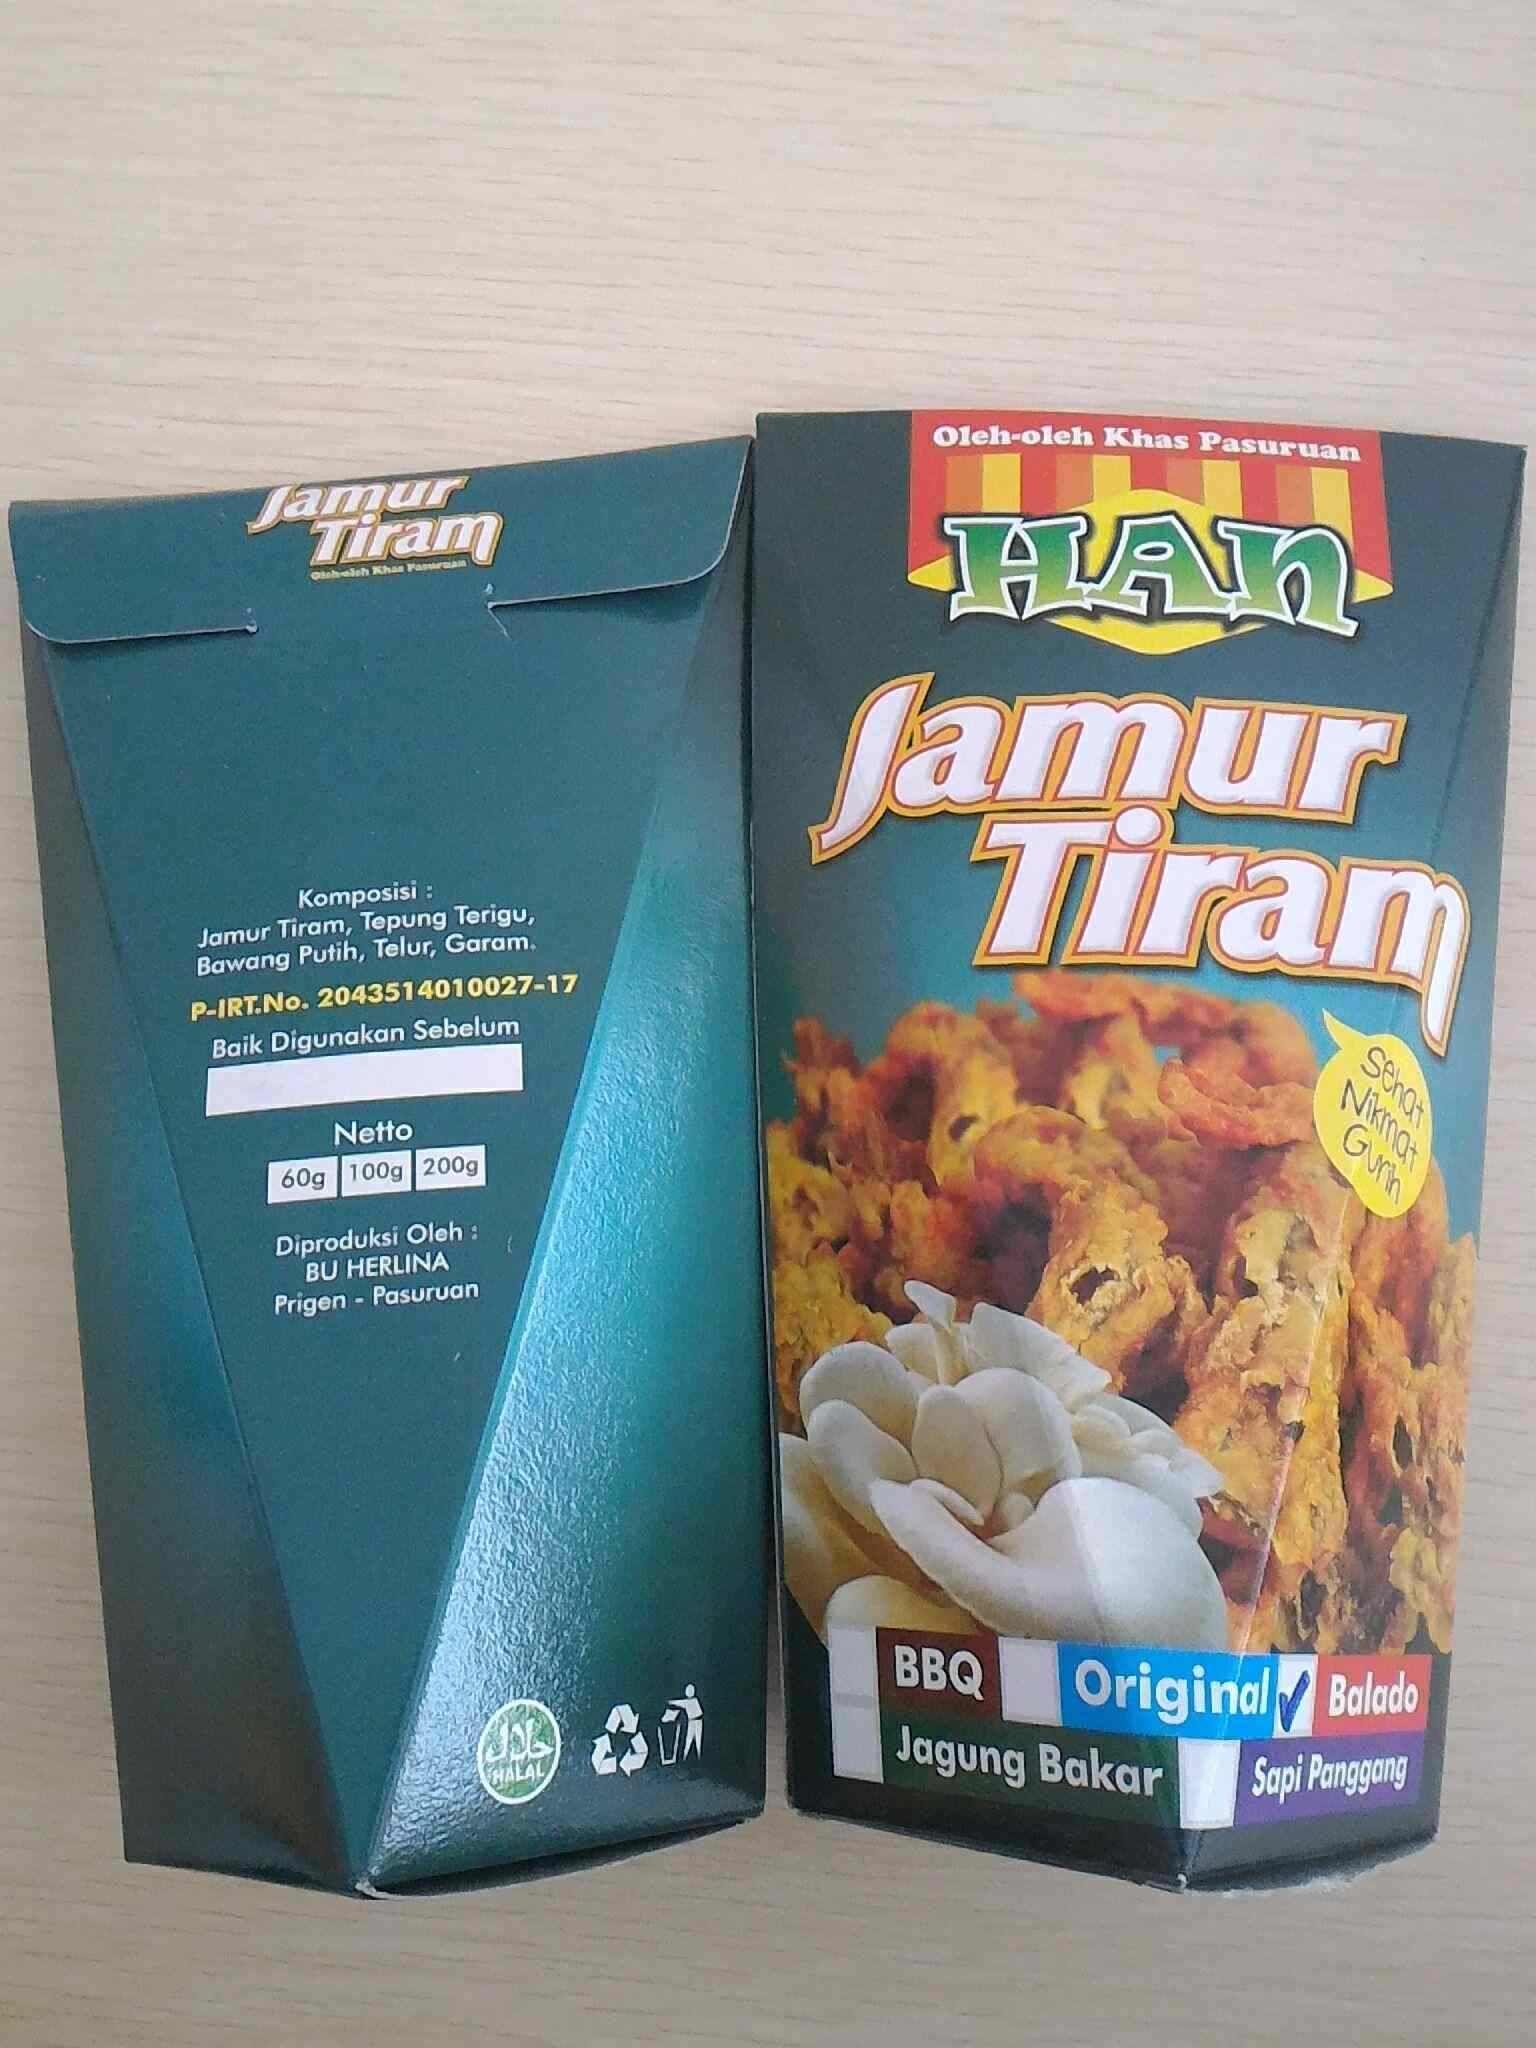 Jual Keripik Jamur Tiram Kang One Kuping Produk Ukm Bumn Kripik Kripixx Jamoer Surabaya Han